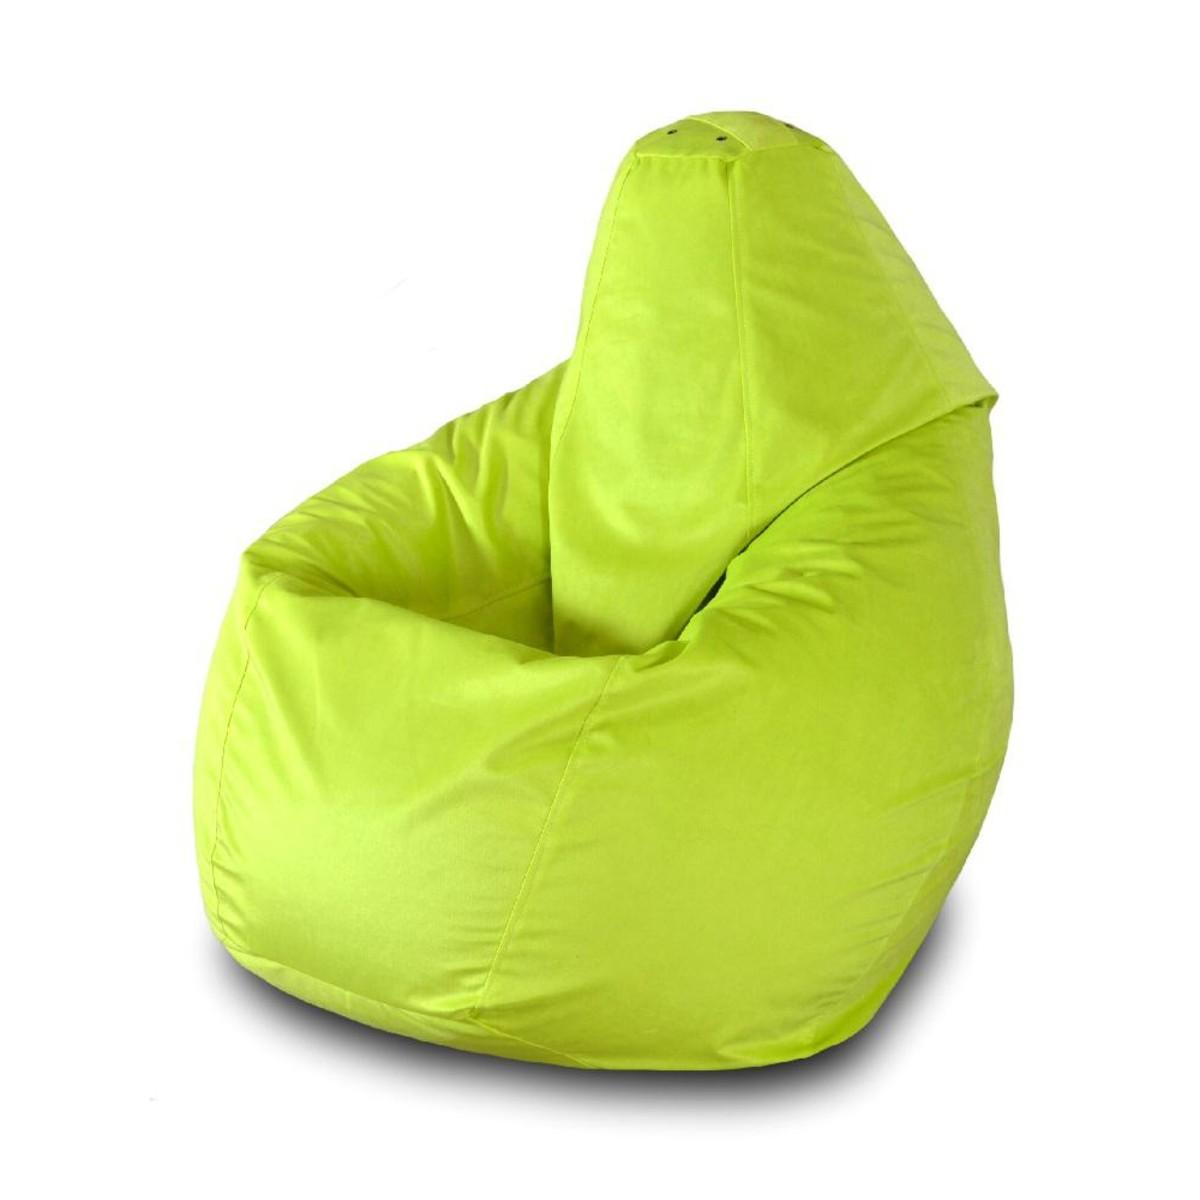 Кресло-Груша Пазитифчик Желтый 022 110Х85